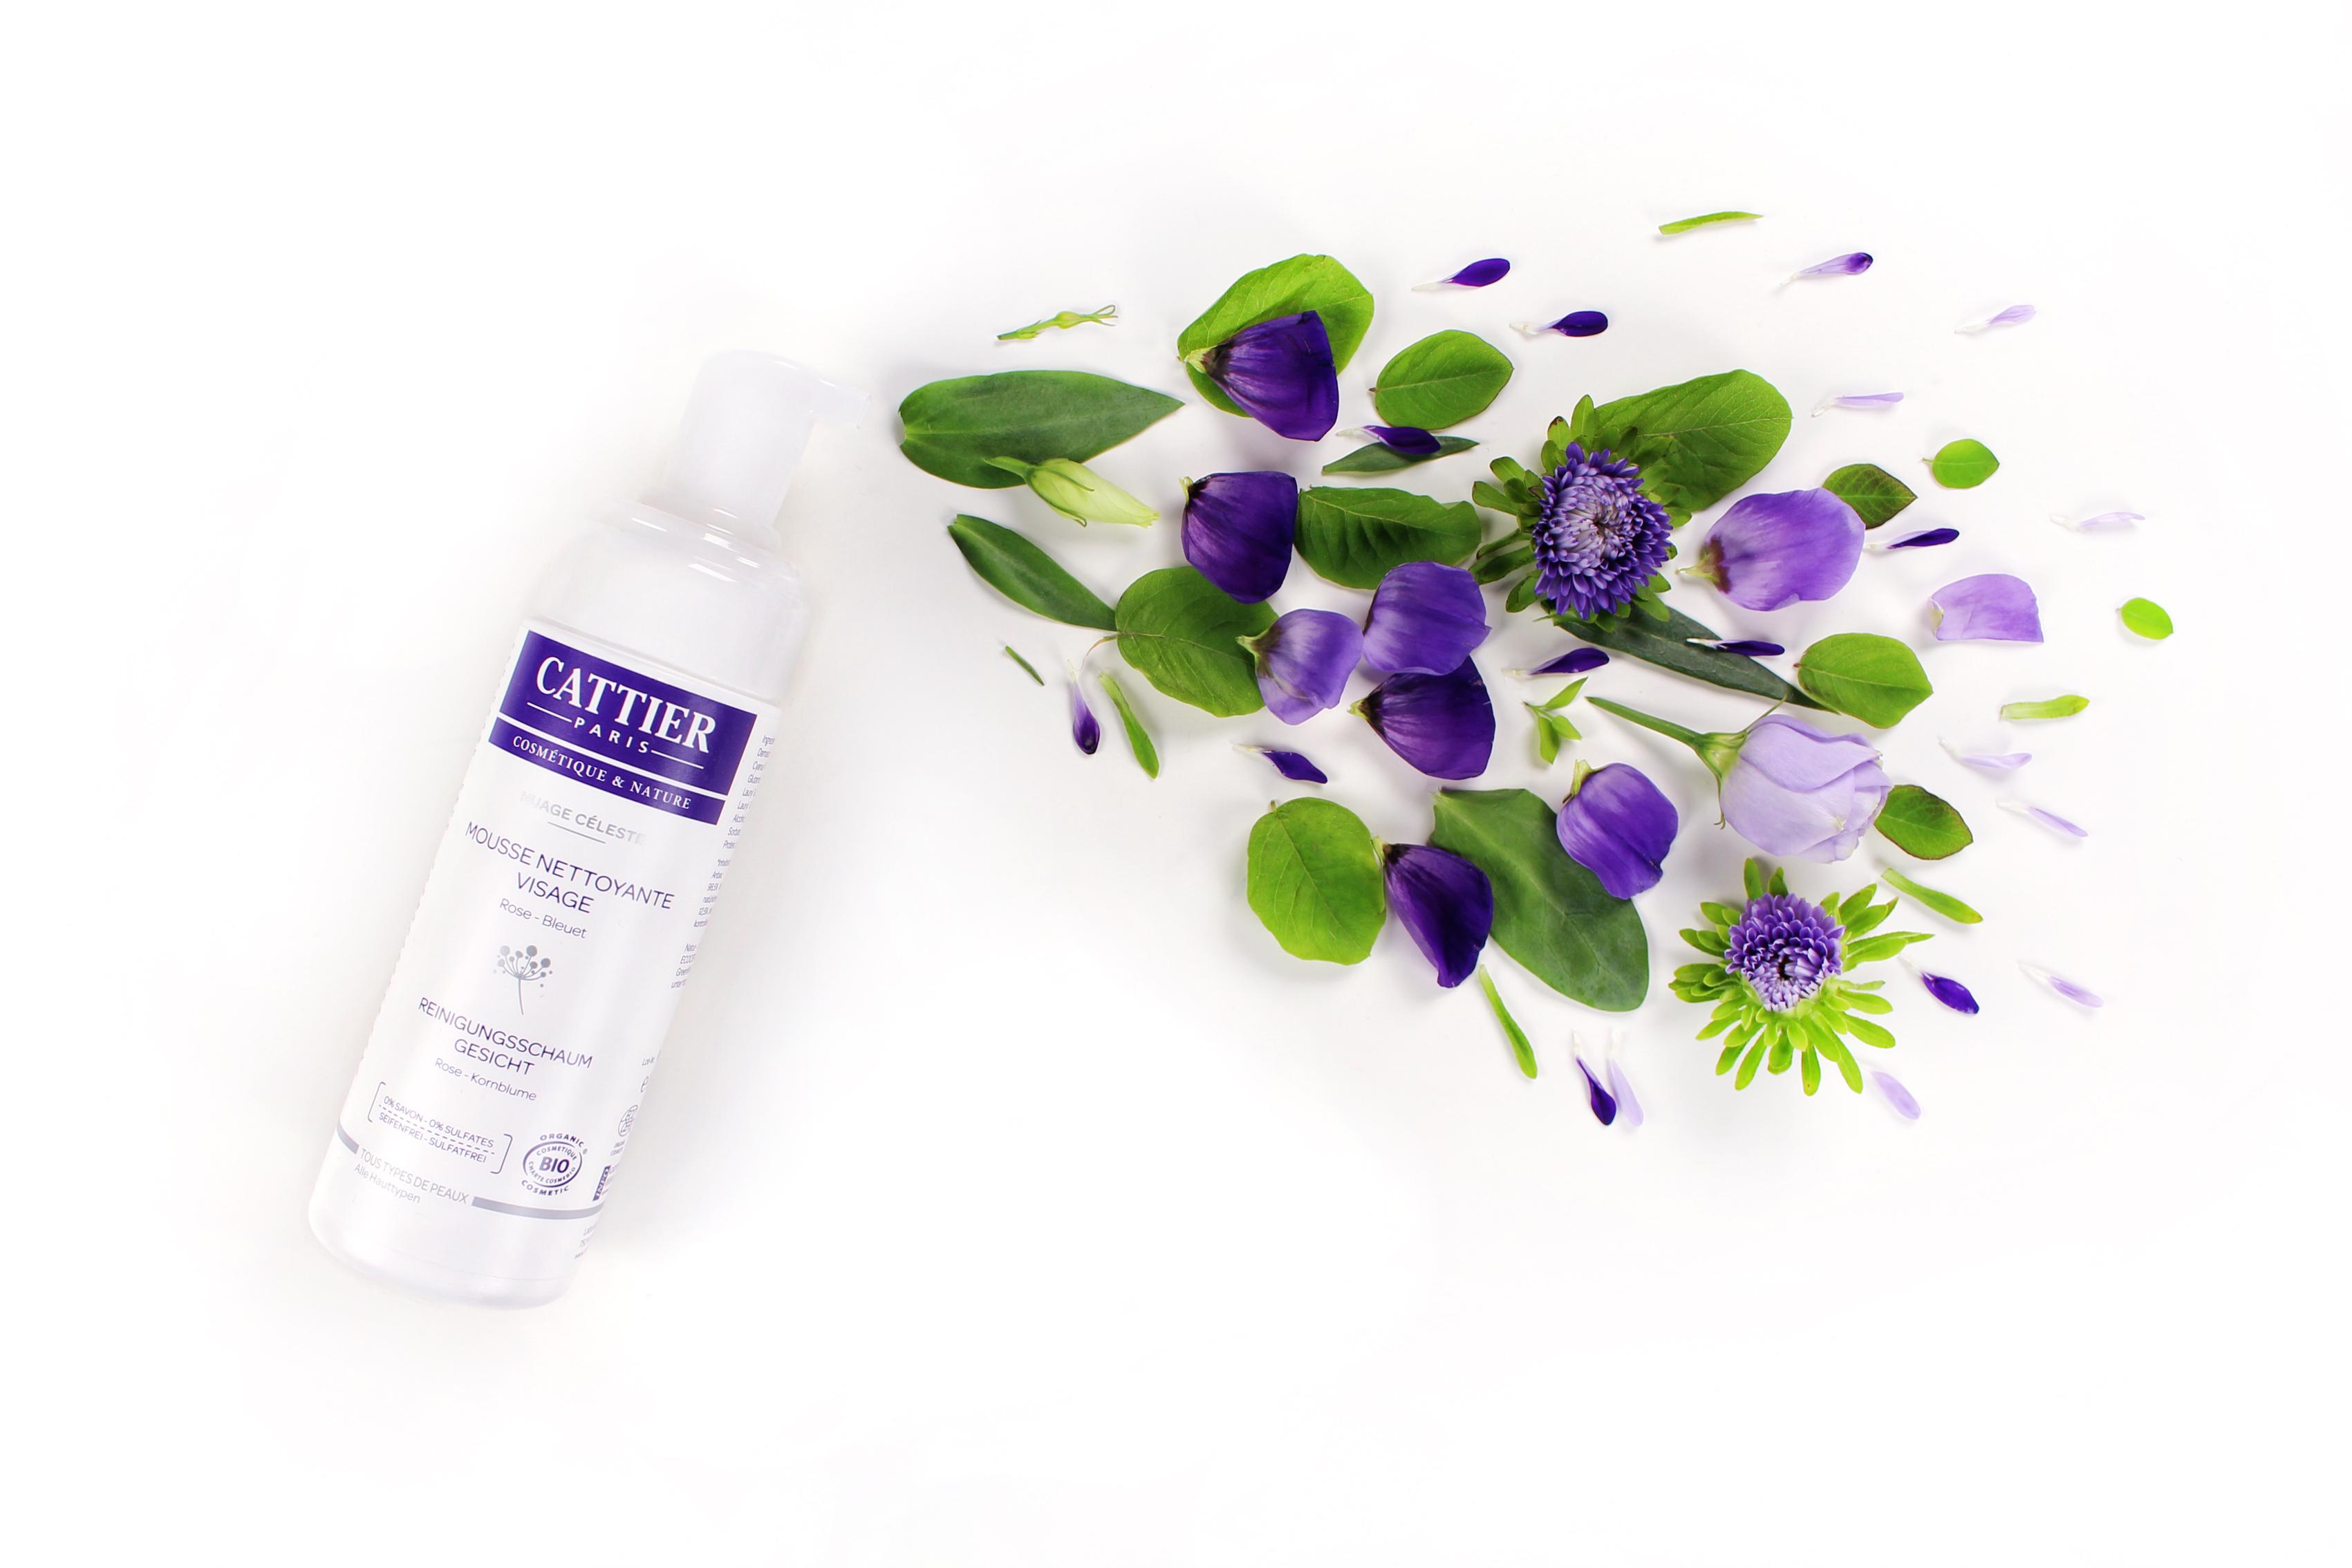 cattier-paris-reinigungsschaum-naturkosmetik-gesichtsreinigung-blog-test